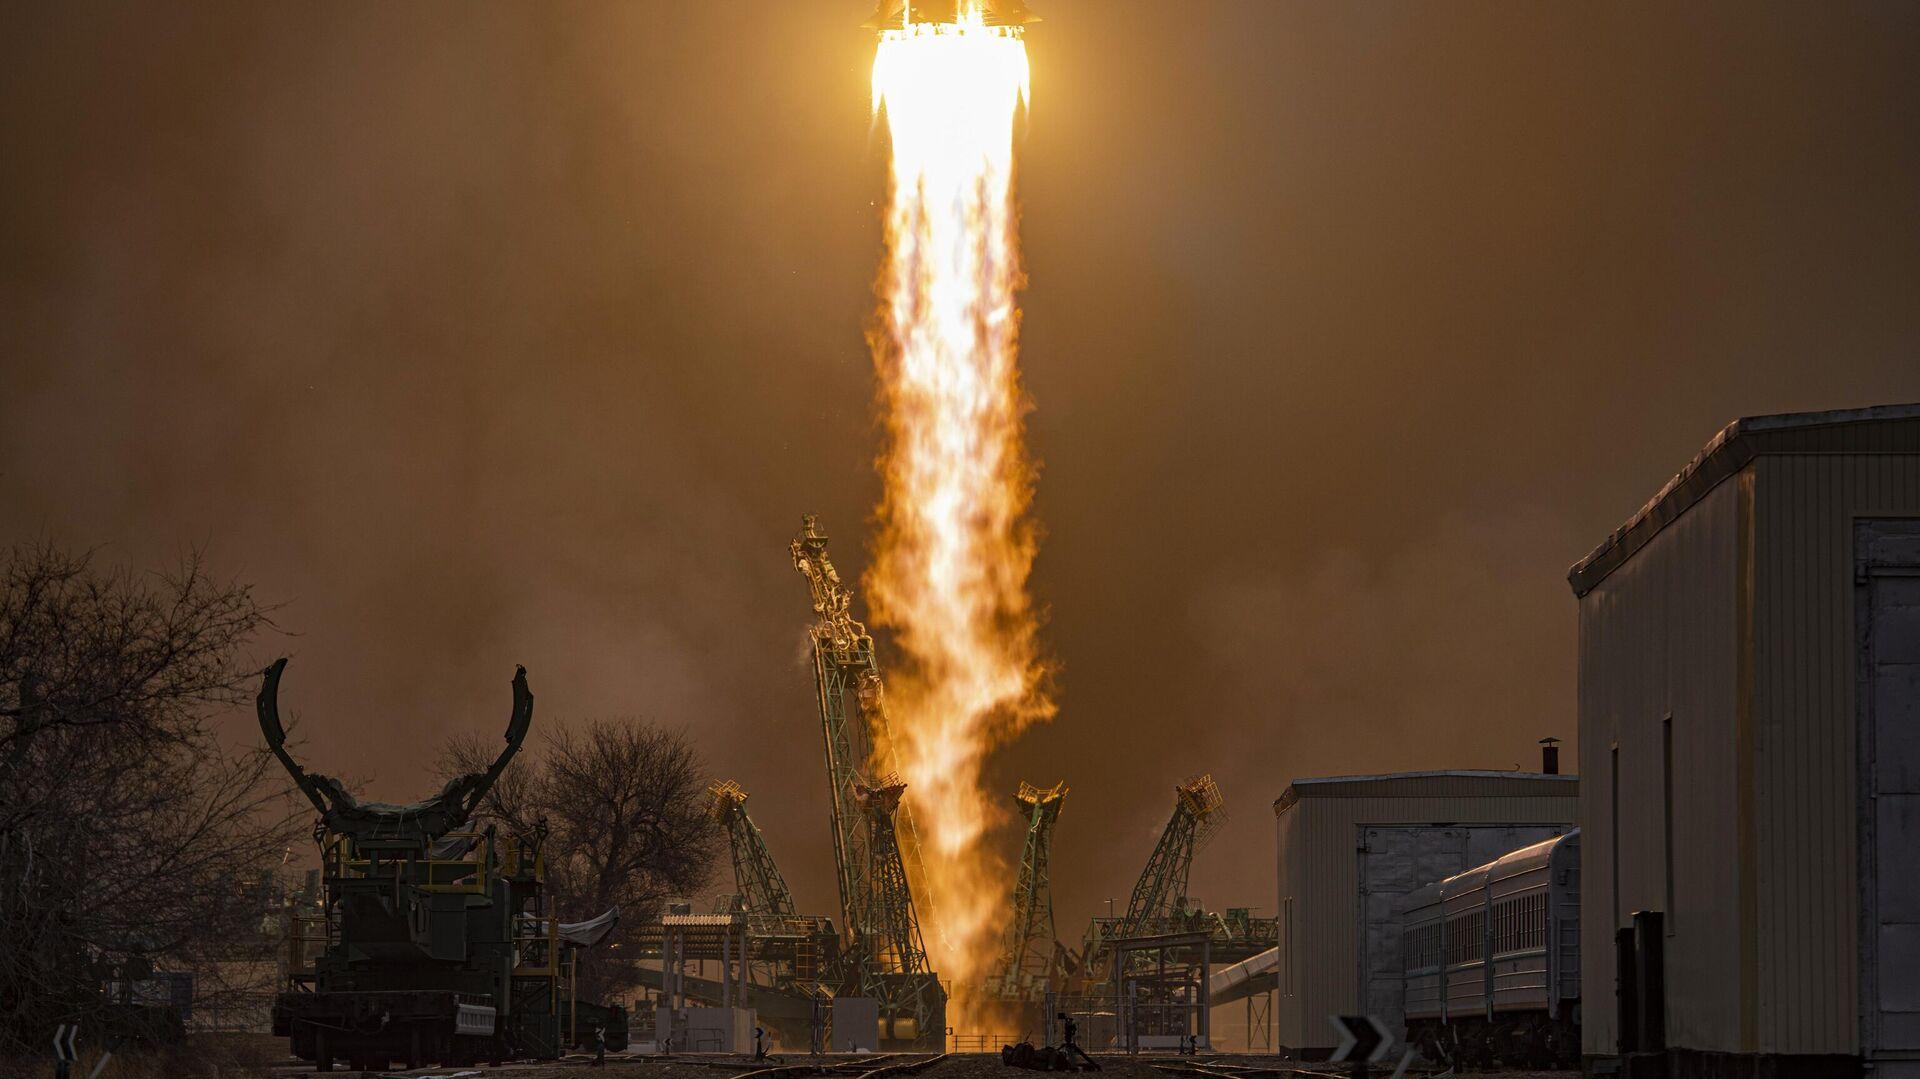 Lanzamiento del cohete portador Soyuz-2-1a con la nave de carga Progress MS-16 - Sputnik Mundo, 1920, 27.06.2021